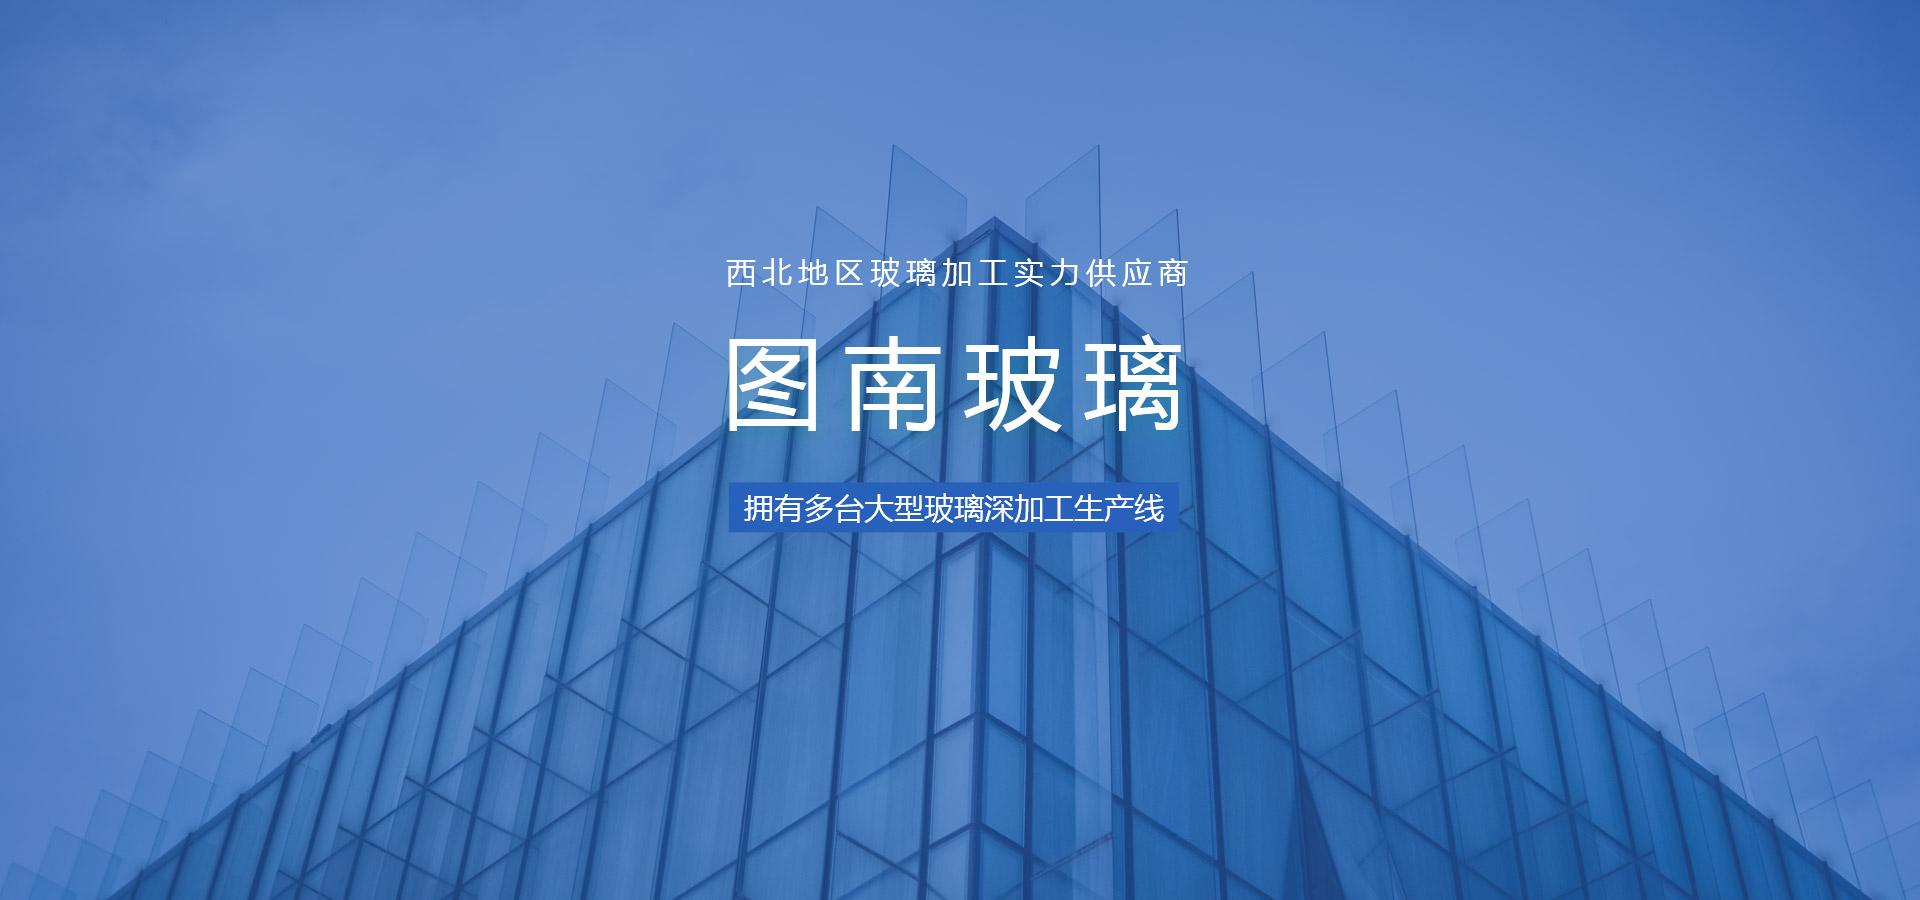 陕西钢化玻璃